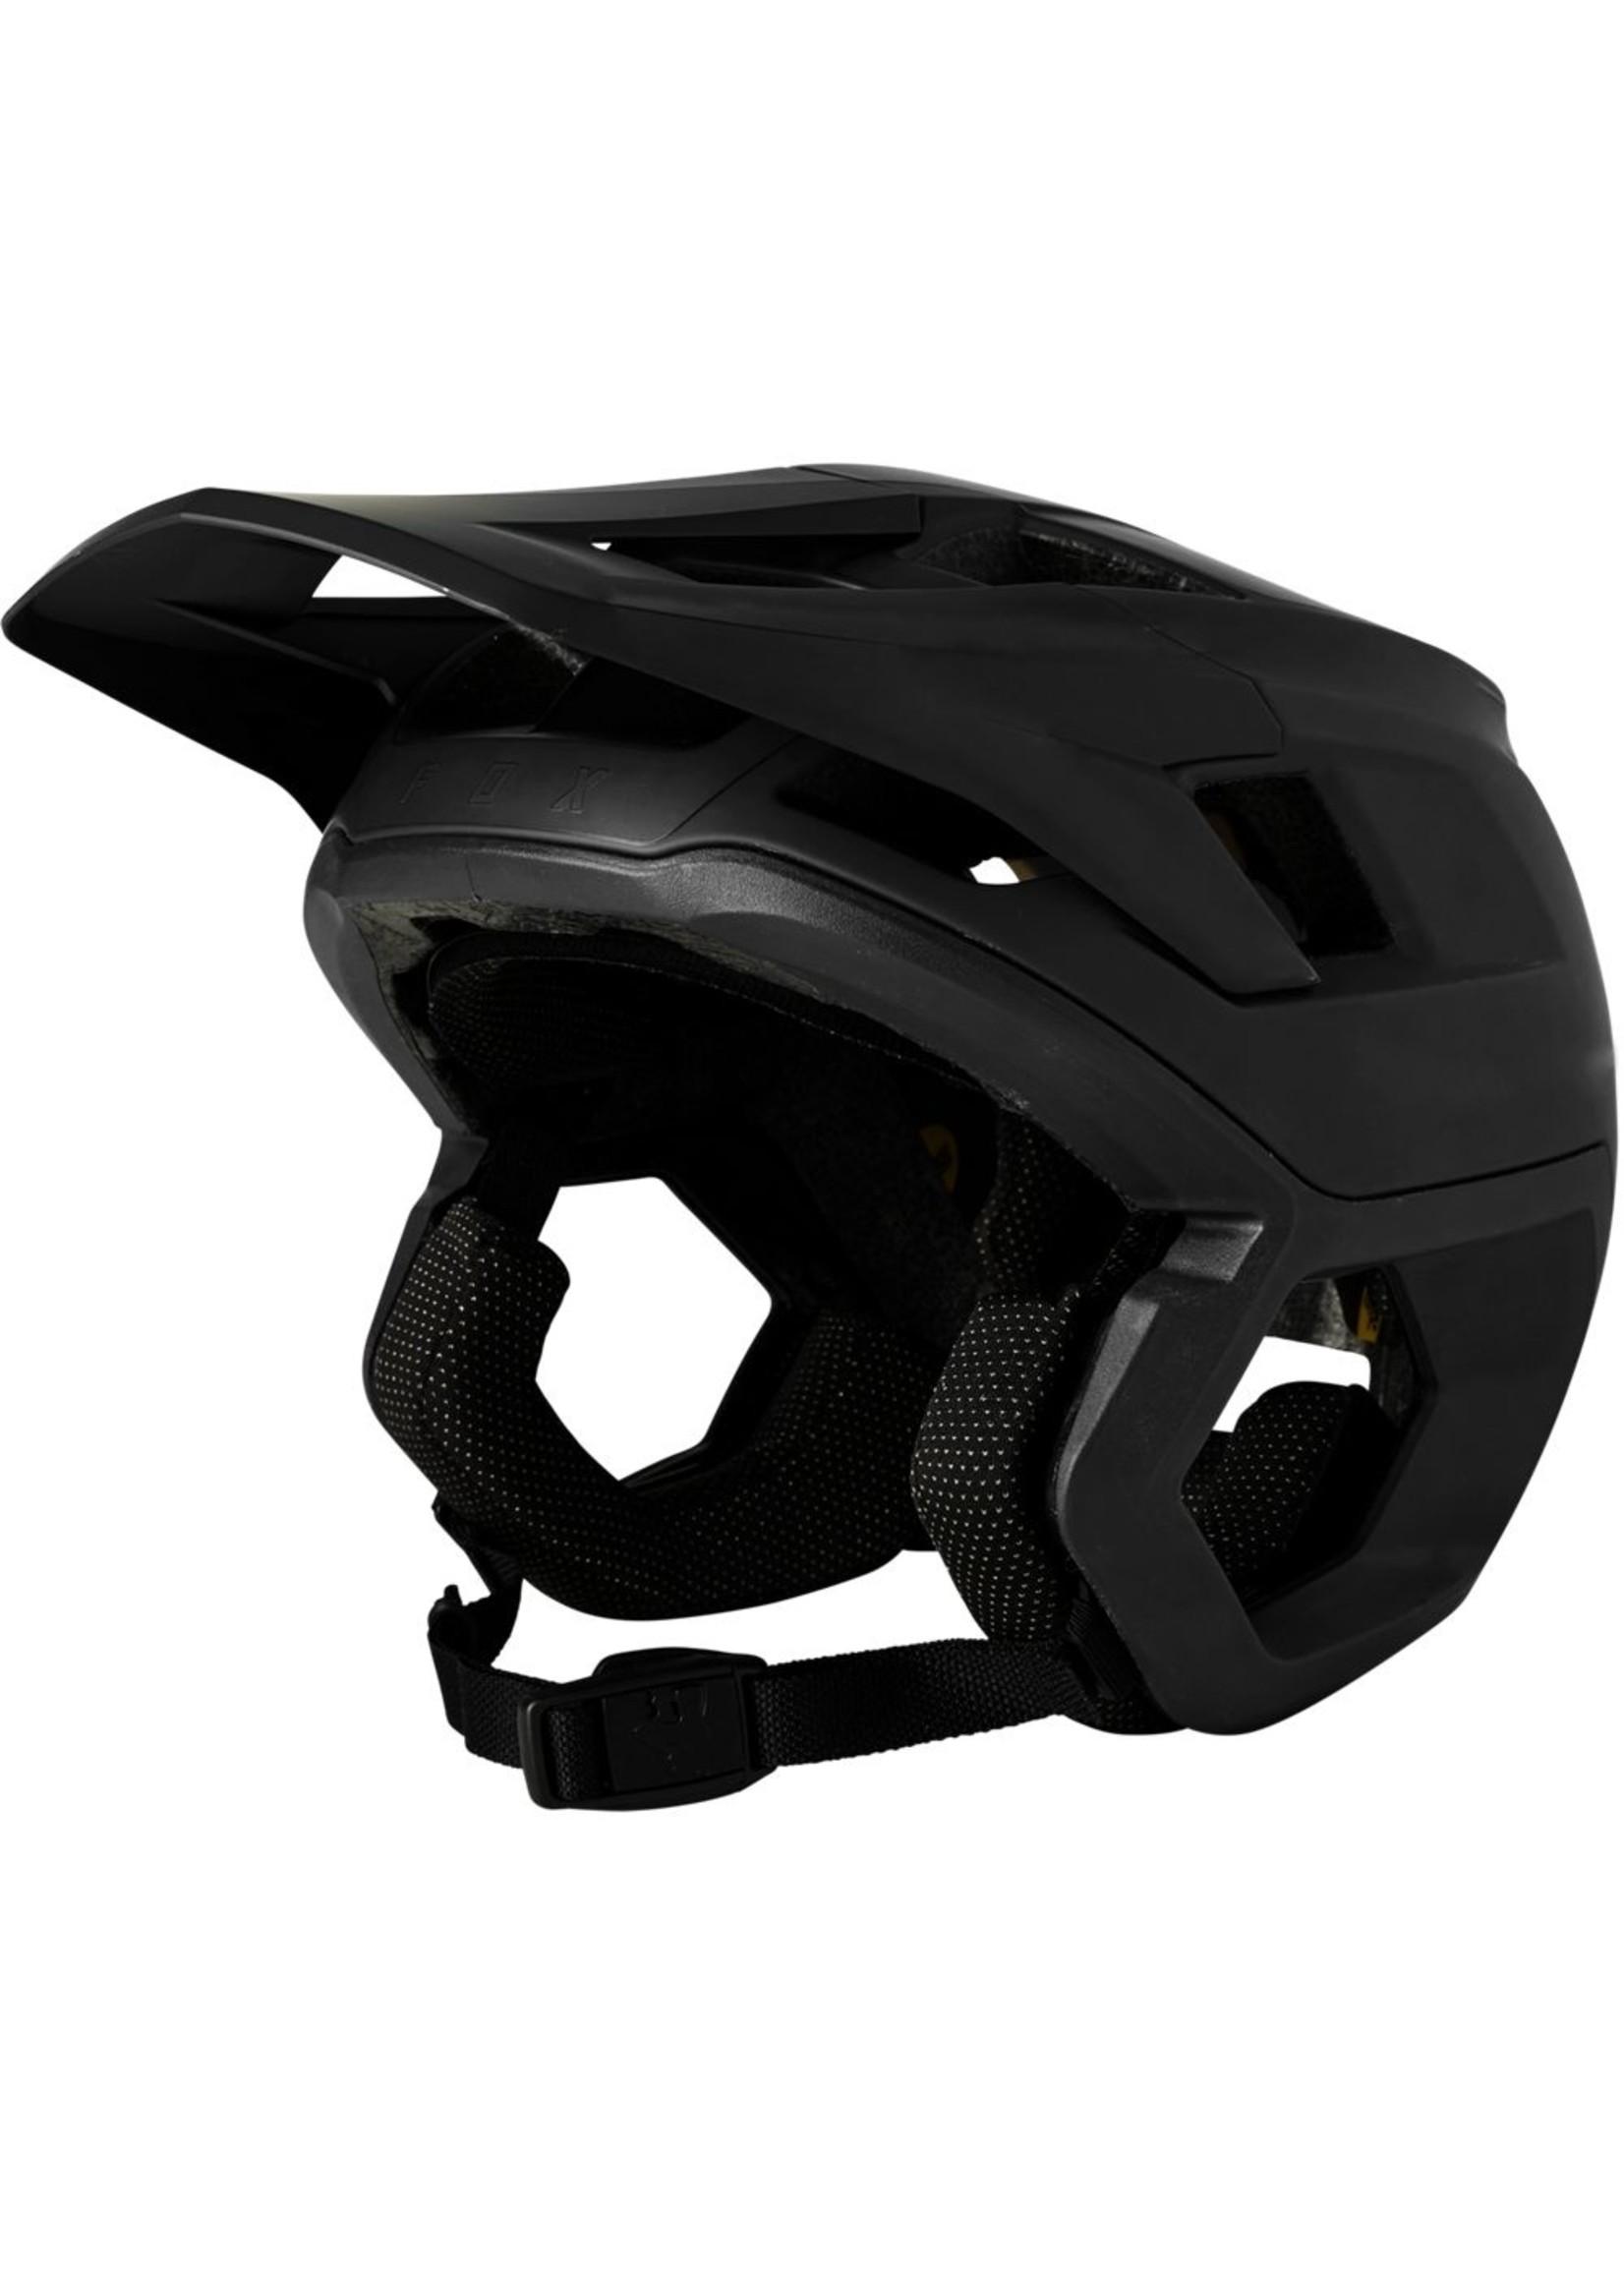 Fox Head Fox Head- Dropframe Helmet, Black, M/L